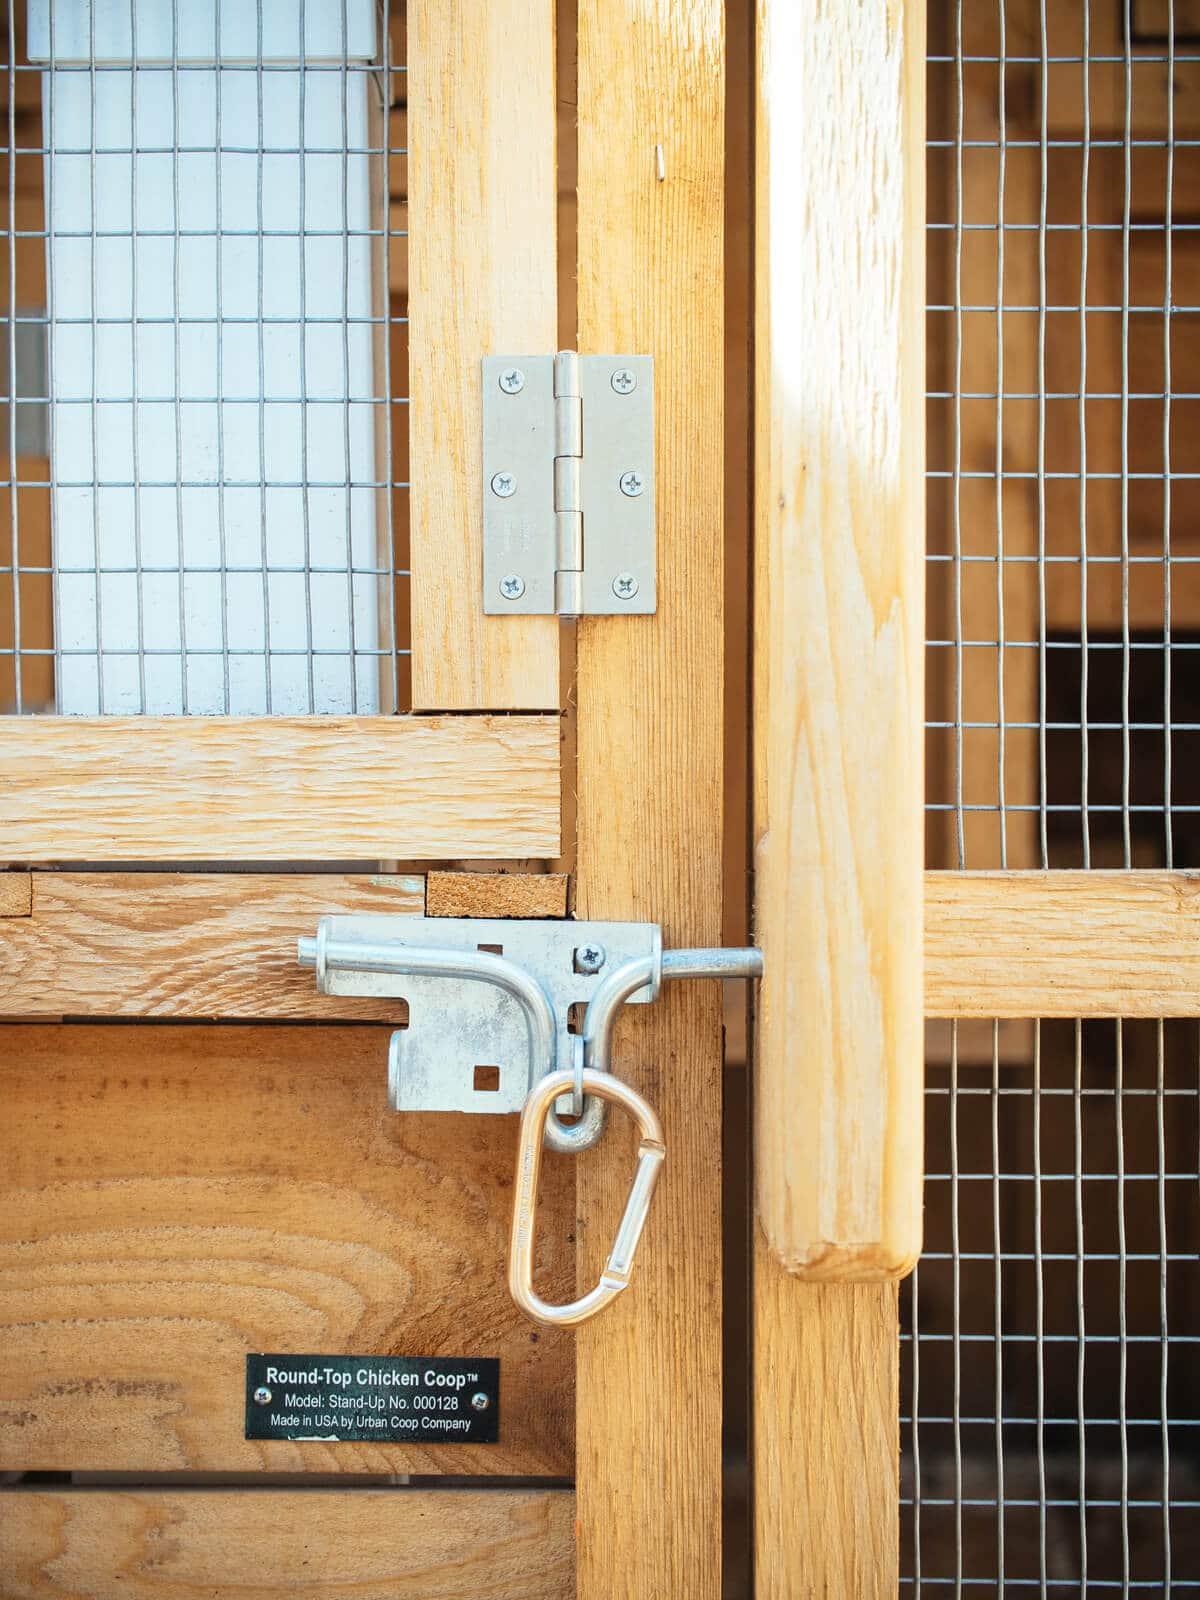 Slide bolt secured with carabiner